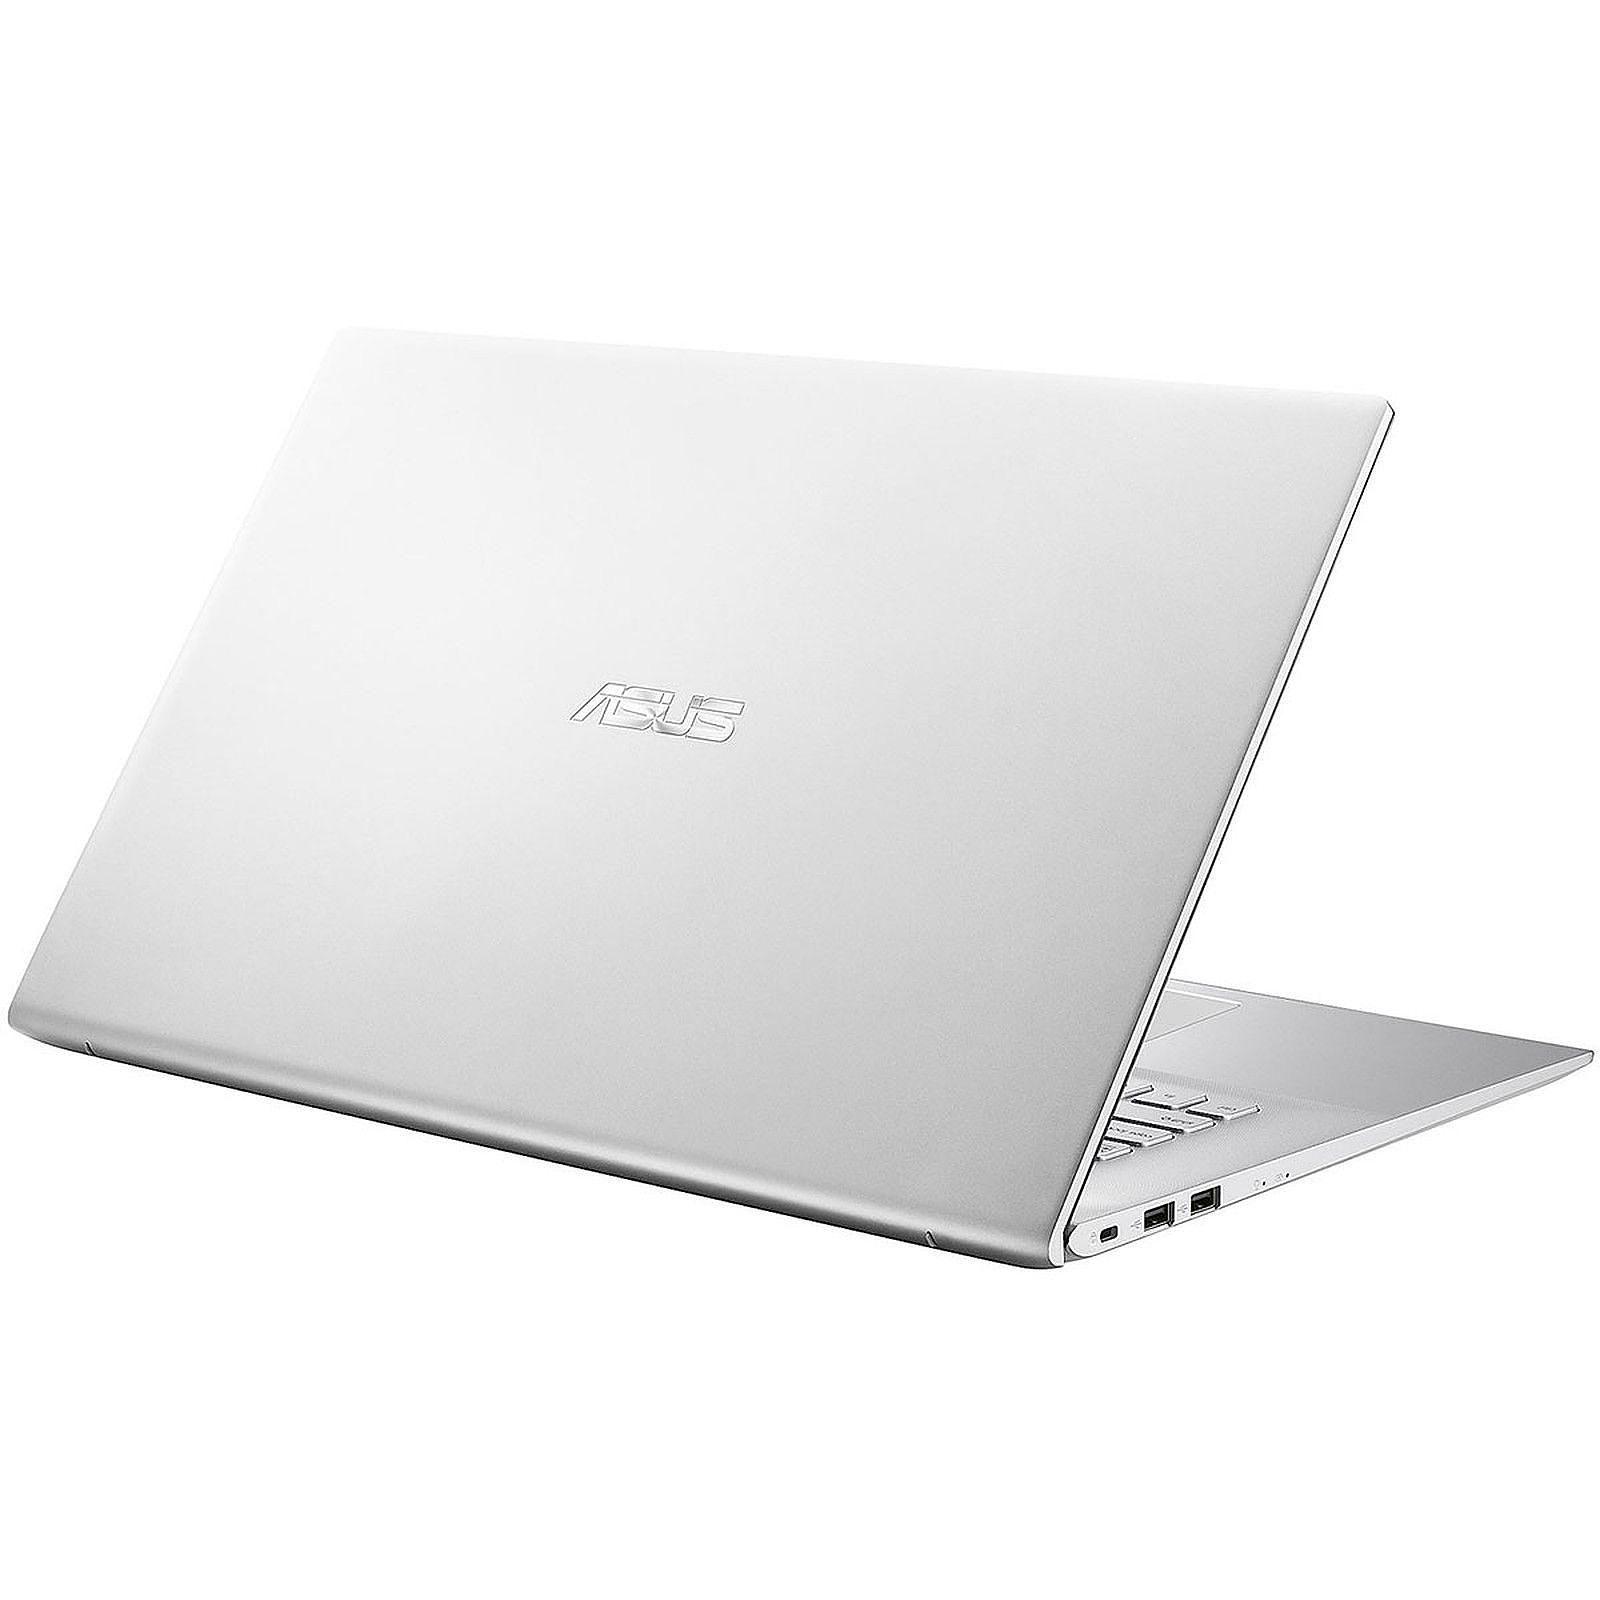 Asus 90NB0L41-M06130 - PC portable Asus - Cybertek.fr - 2